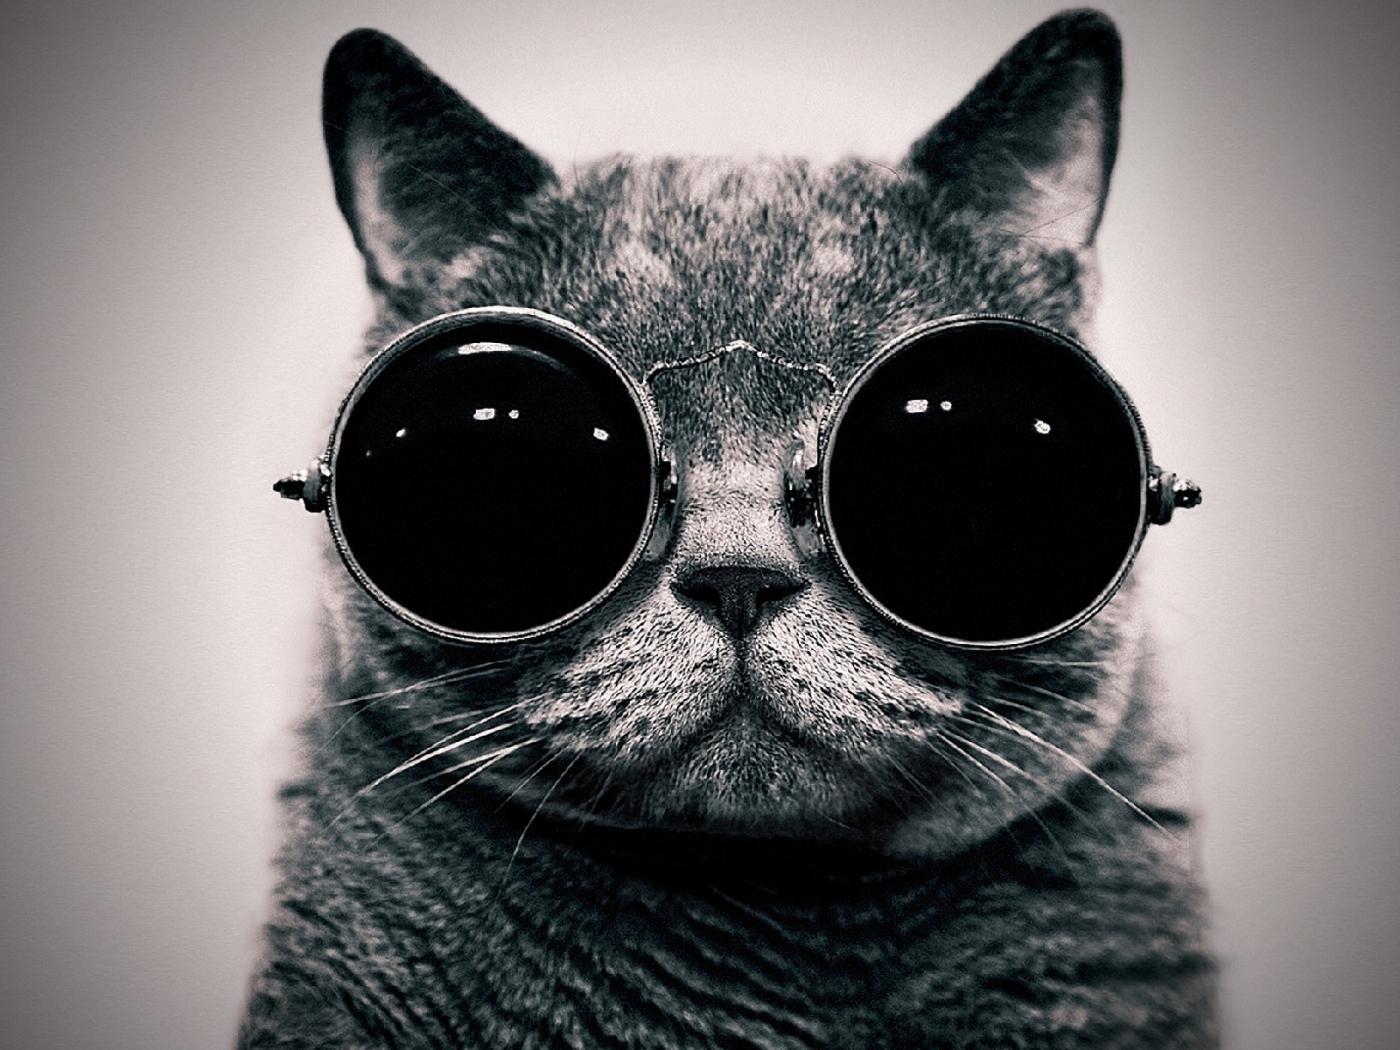 Handy-Wallpaper Tiere, Katzen kostenlos herunterladen.